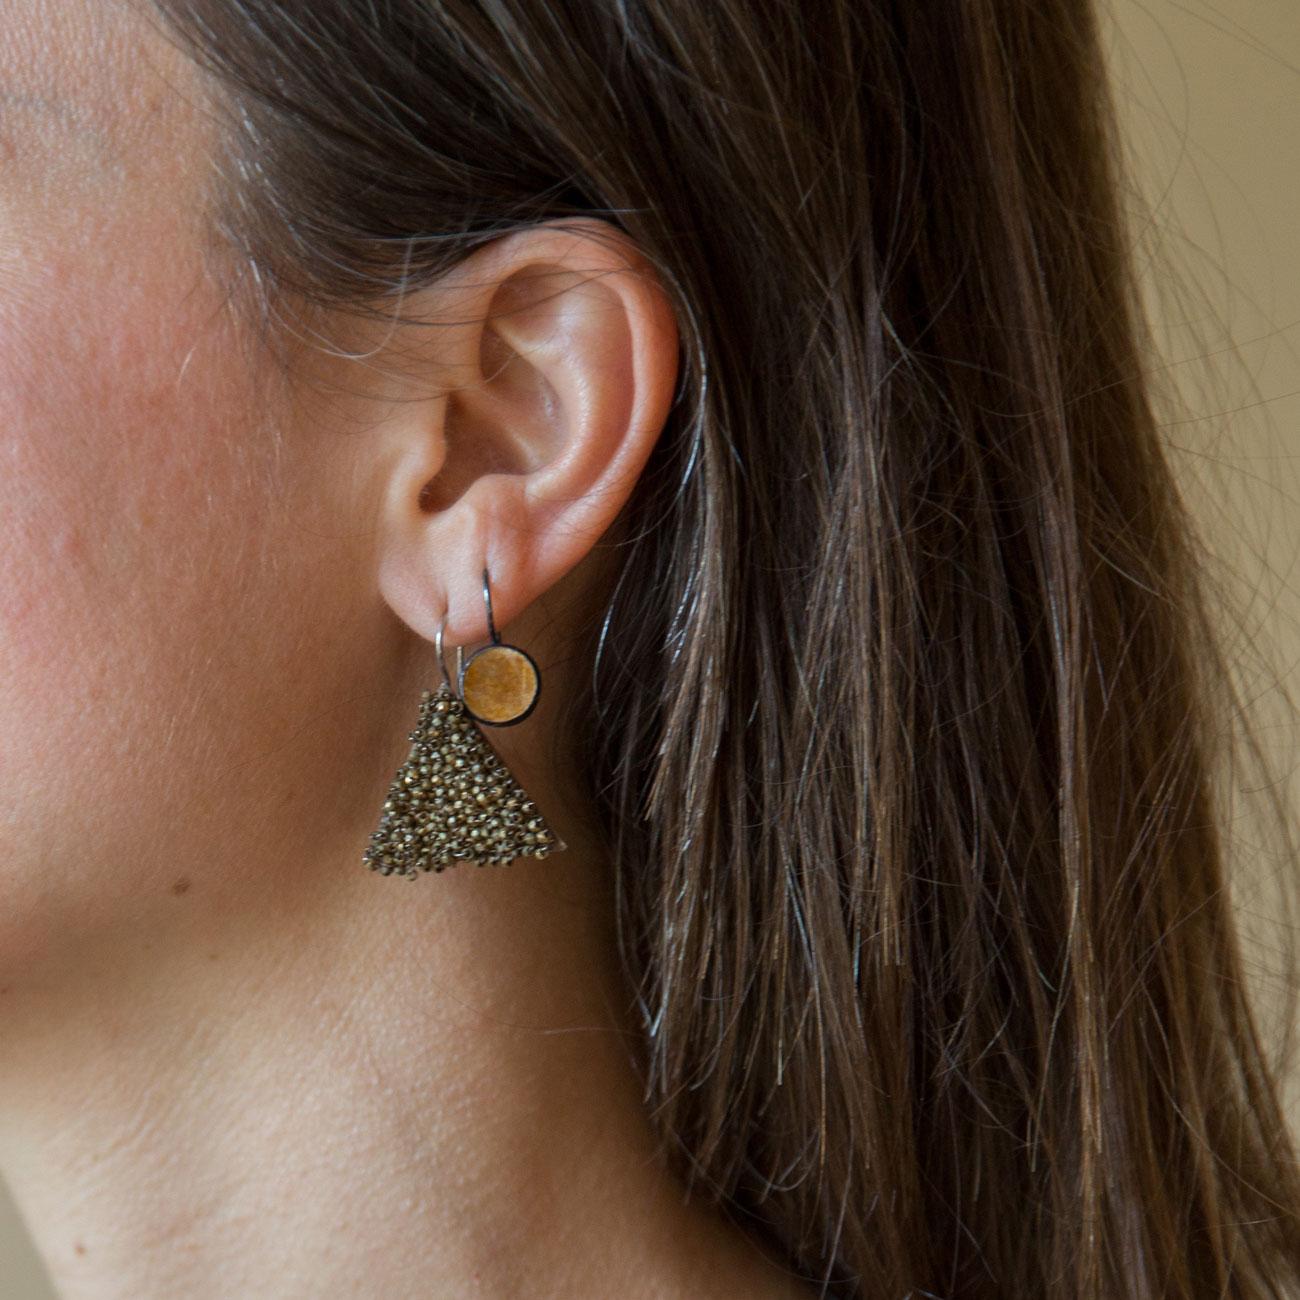 raissa-bump-earrings-2-pair.jpg